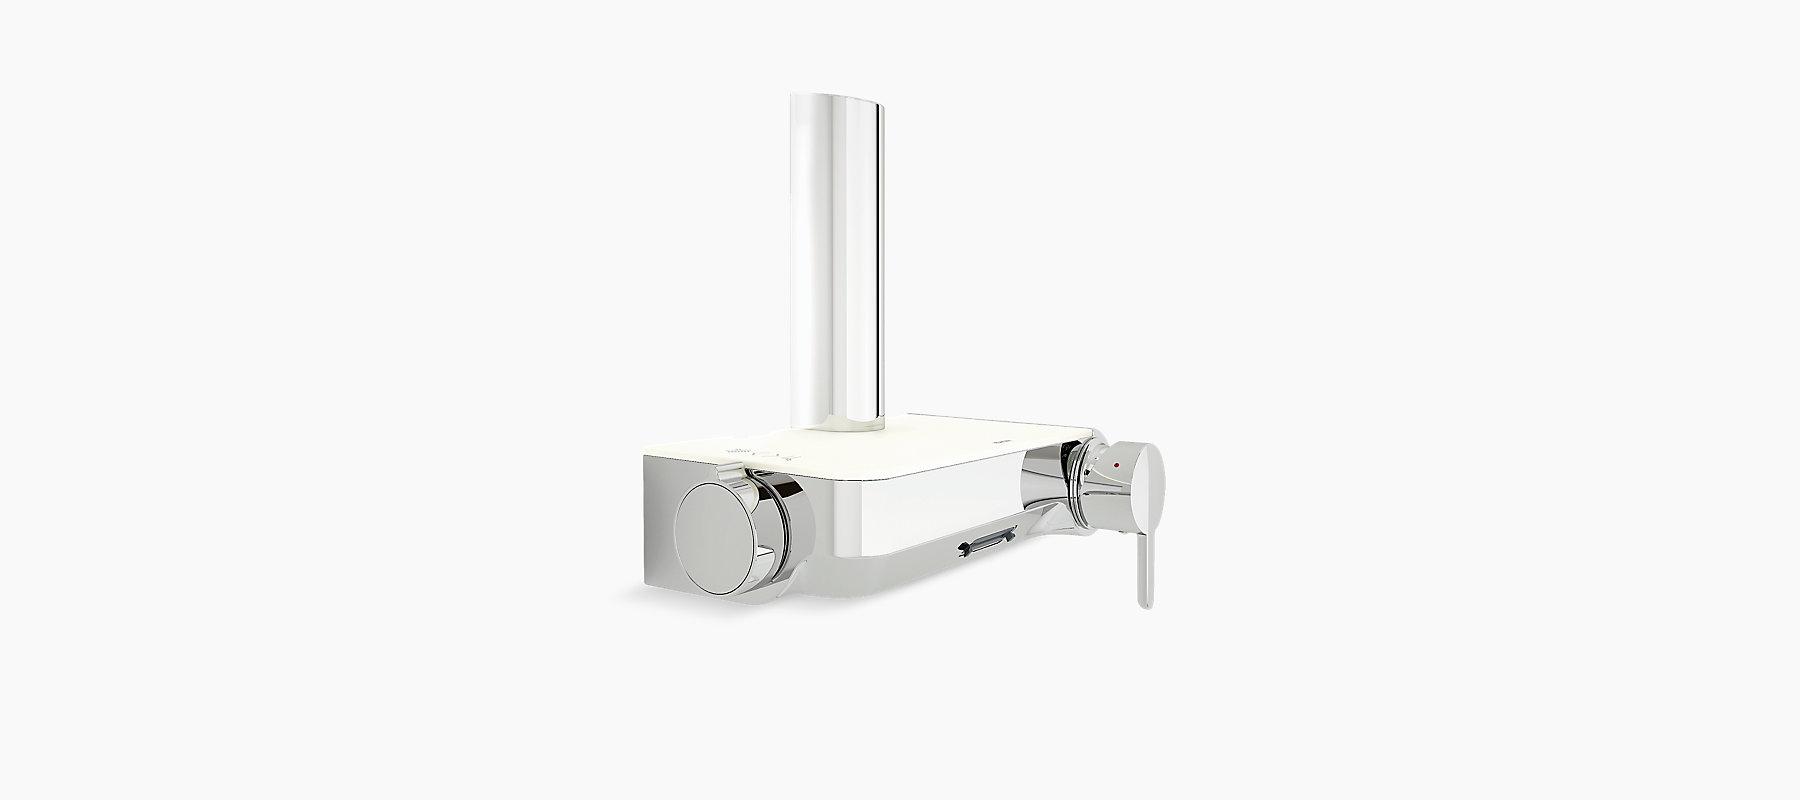 Toobi Exposed Bath And Shower Faucet K 75457in 4 Kohler